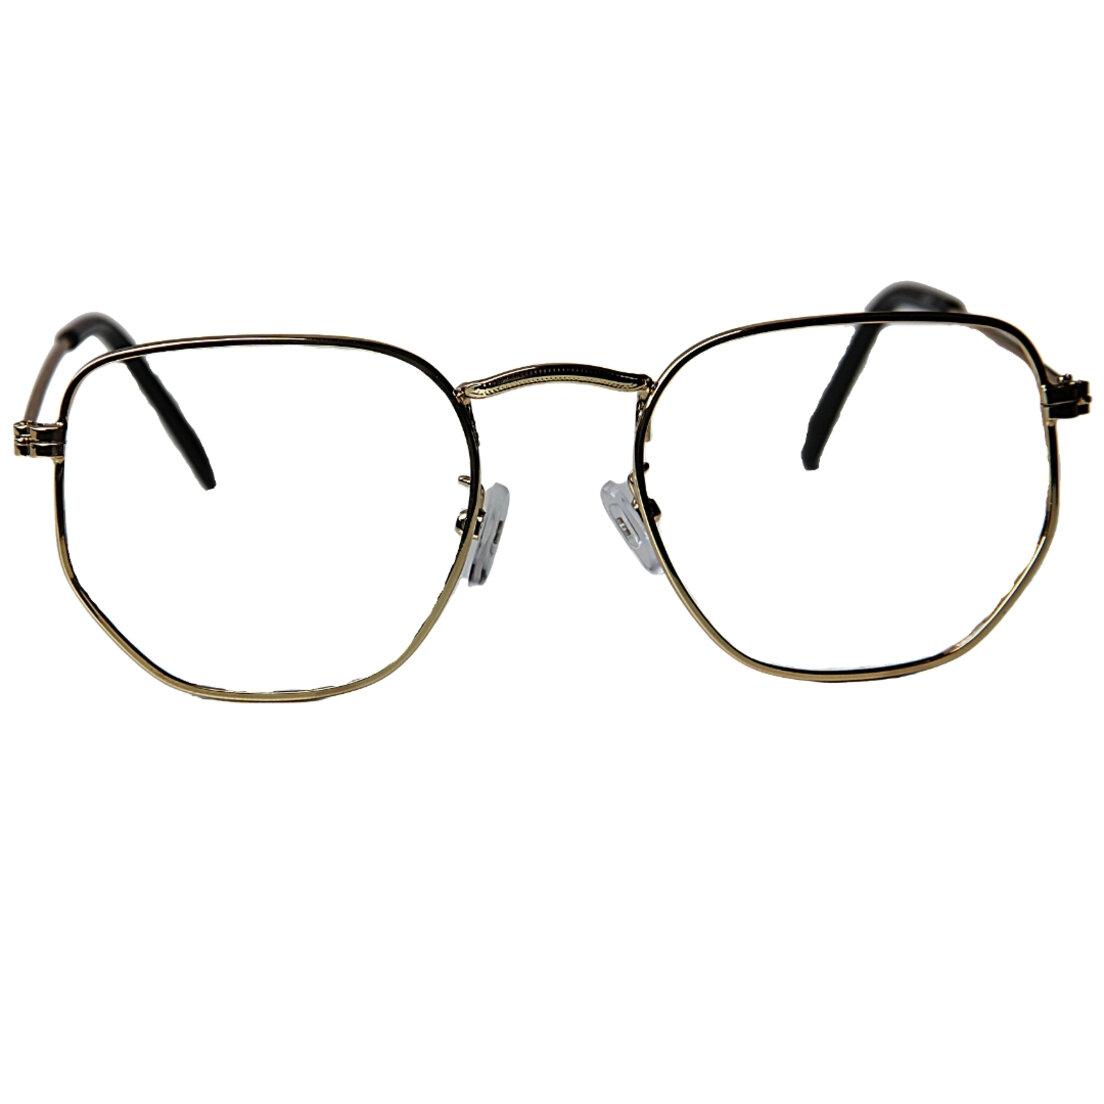 Armação de Óculos Khatto Hexagonal Tery - C132